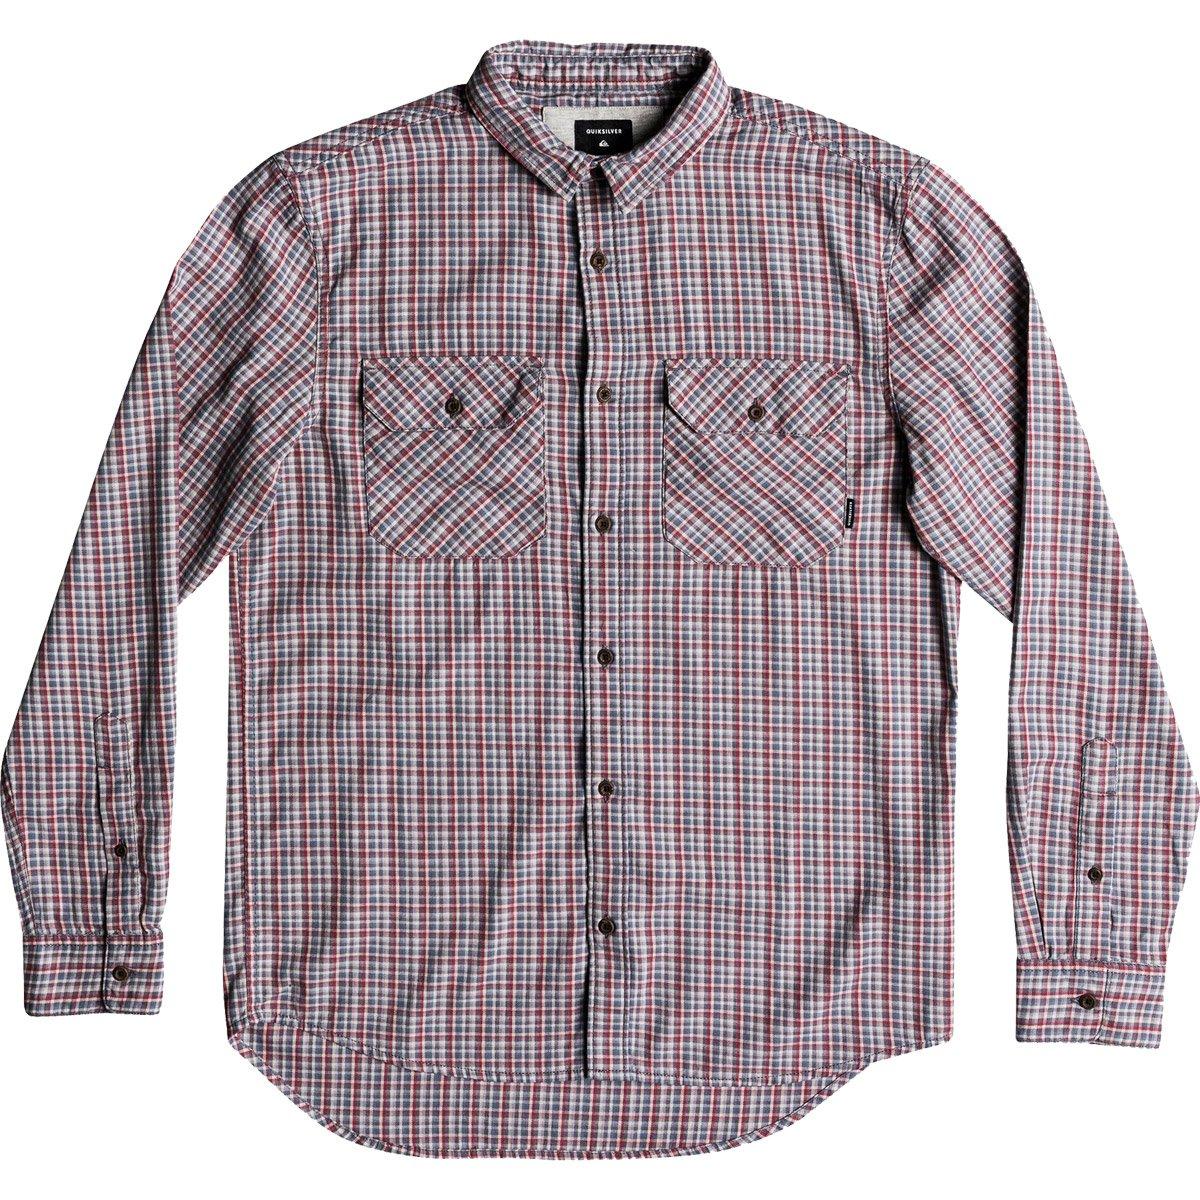 Quiksilver Men's Fuji View Button Down Flannel Shirt, Irongate Fuji View, M